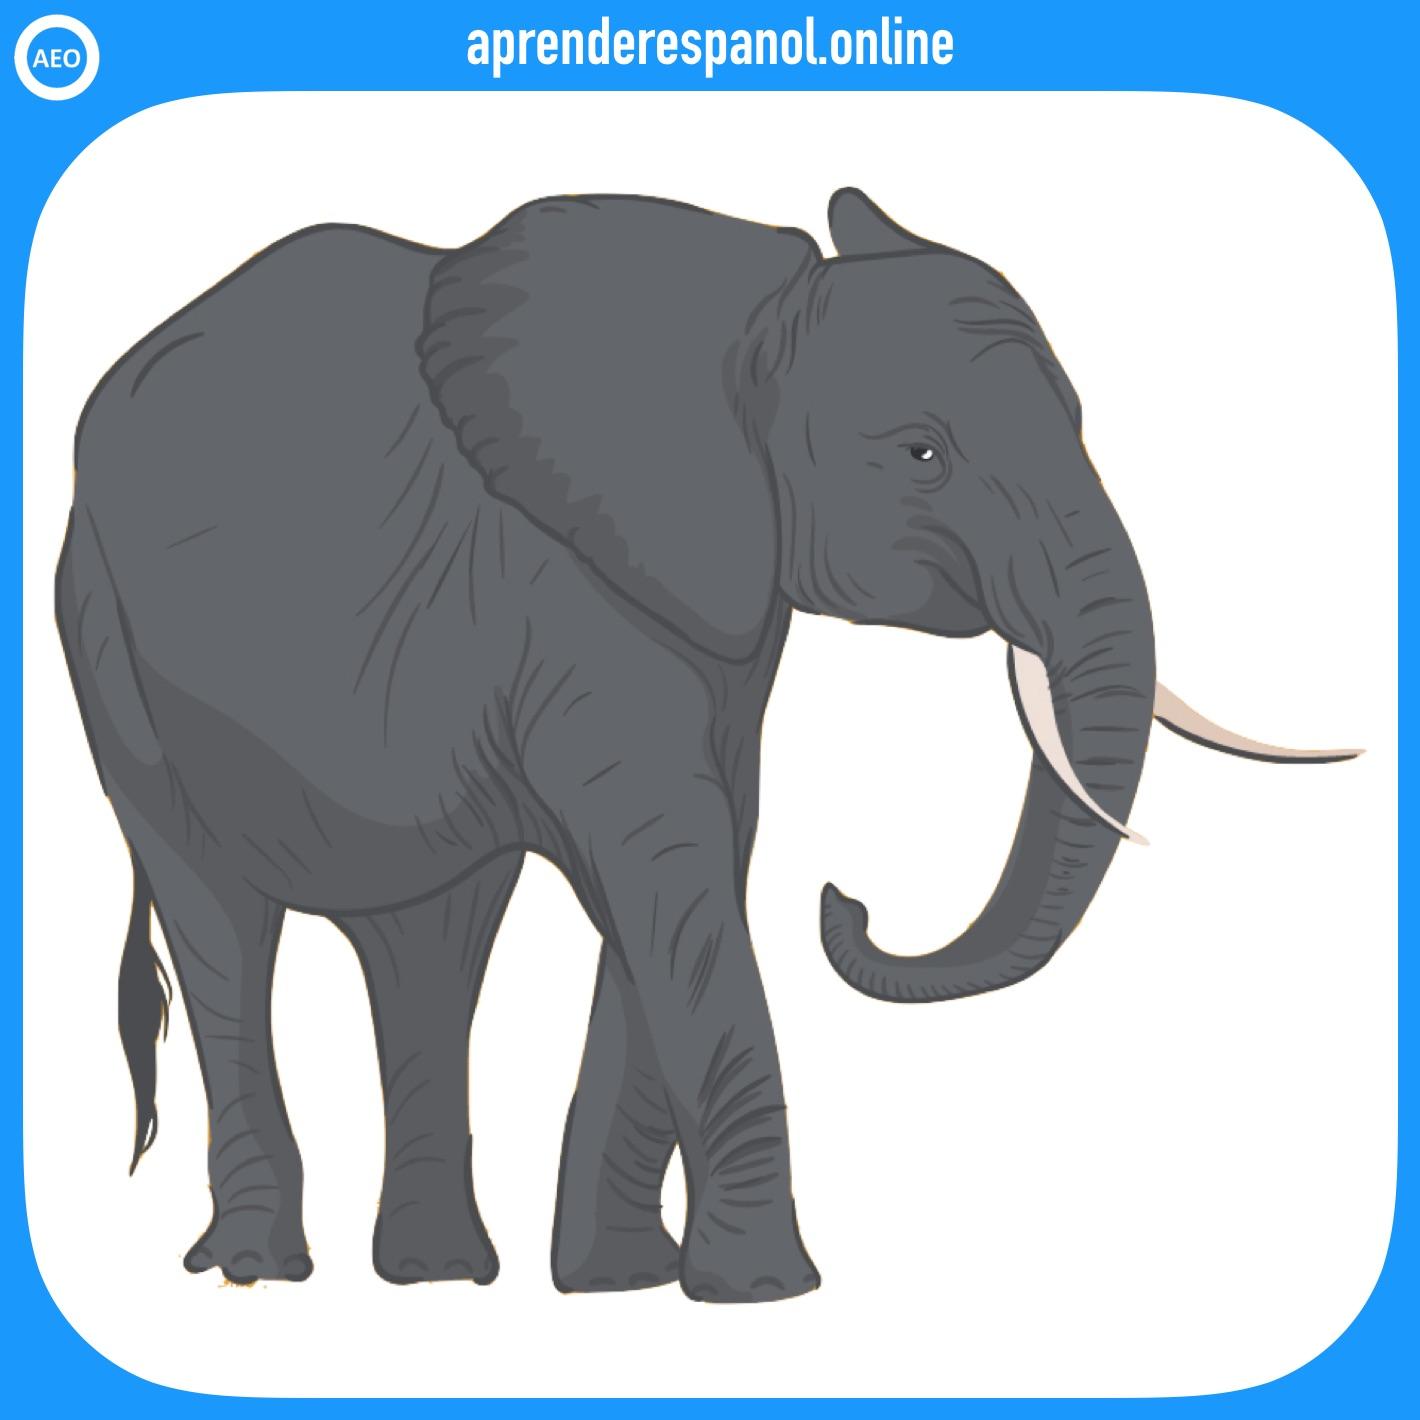 elefante | animales en español | vocabulario de los animales en español